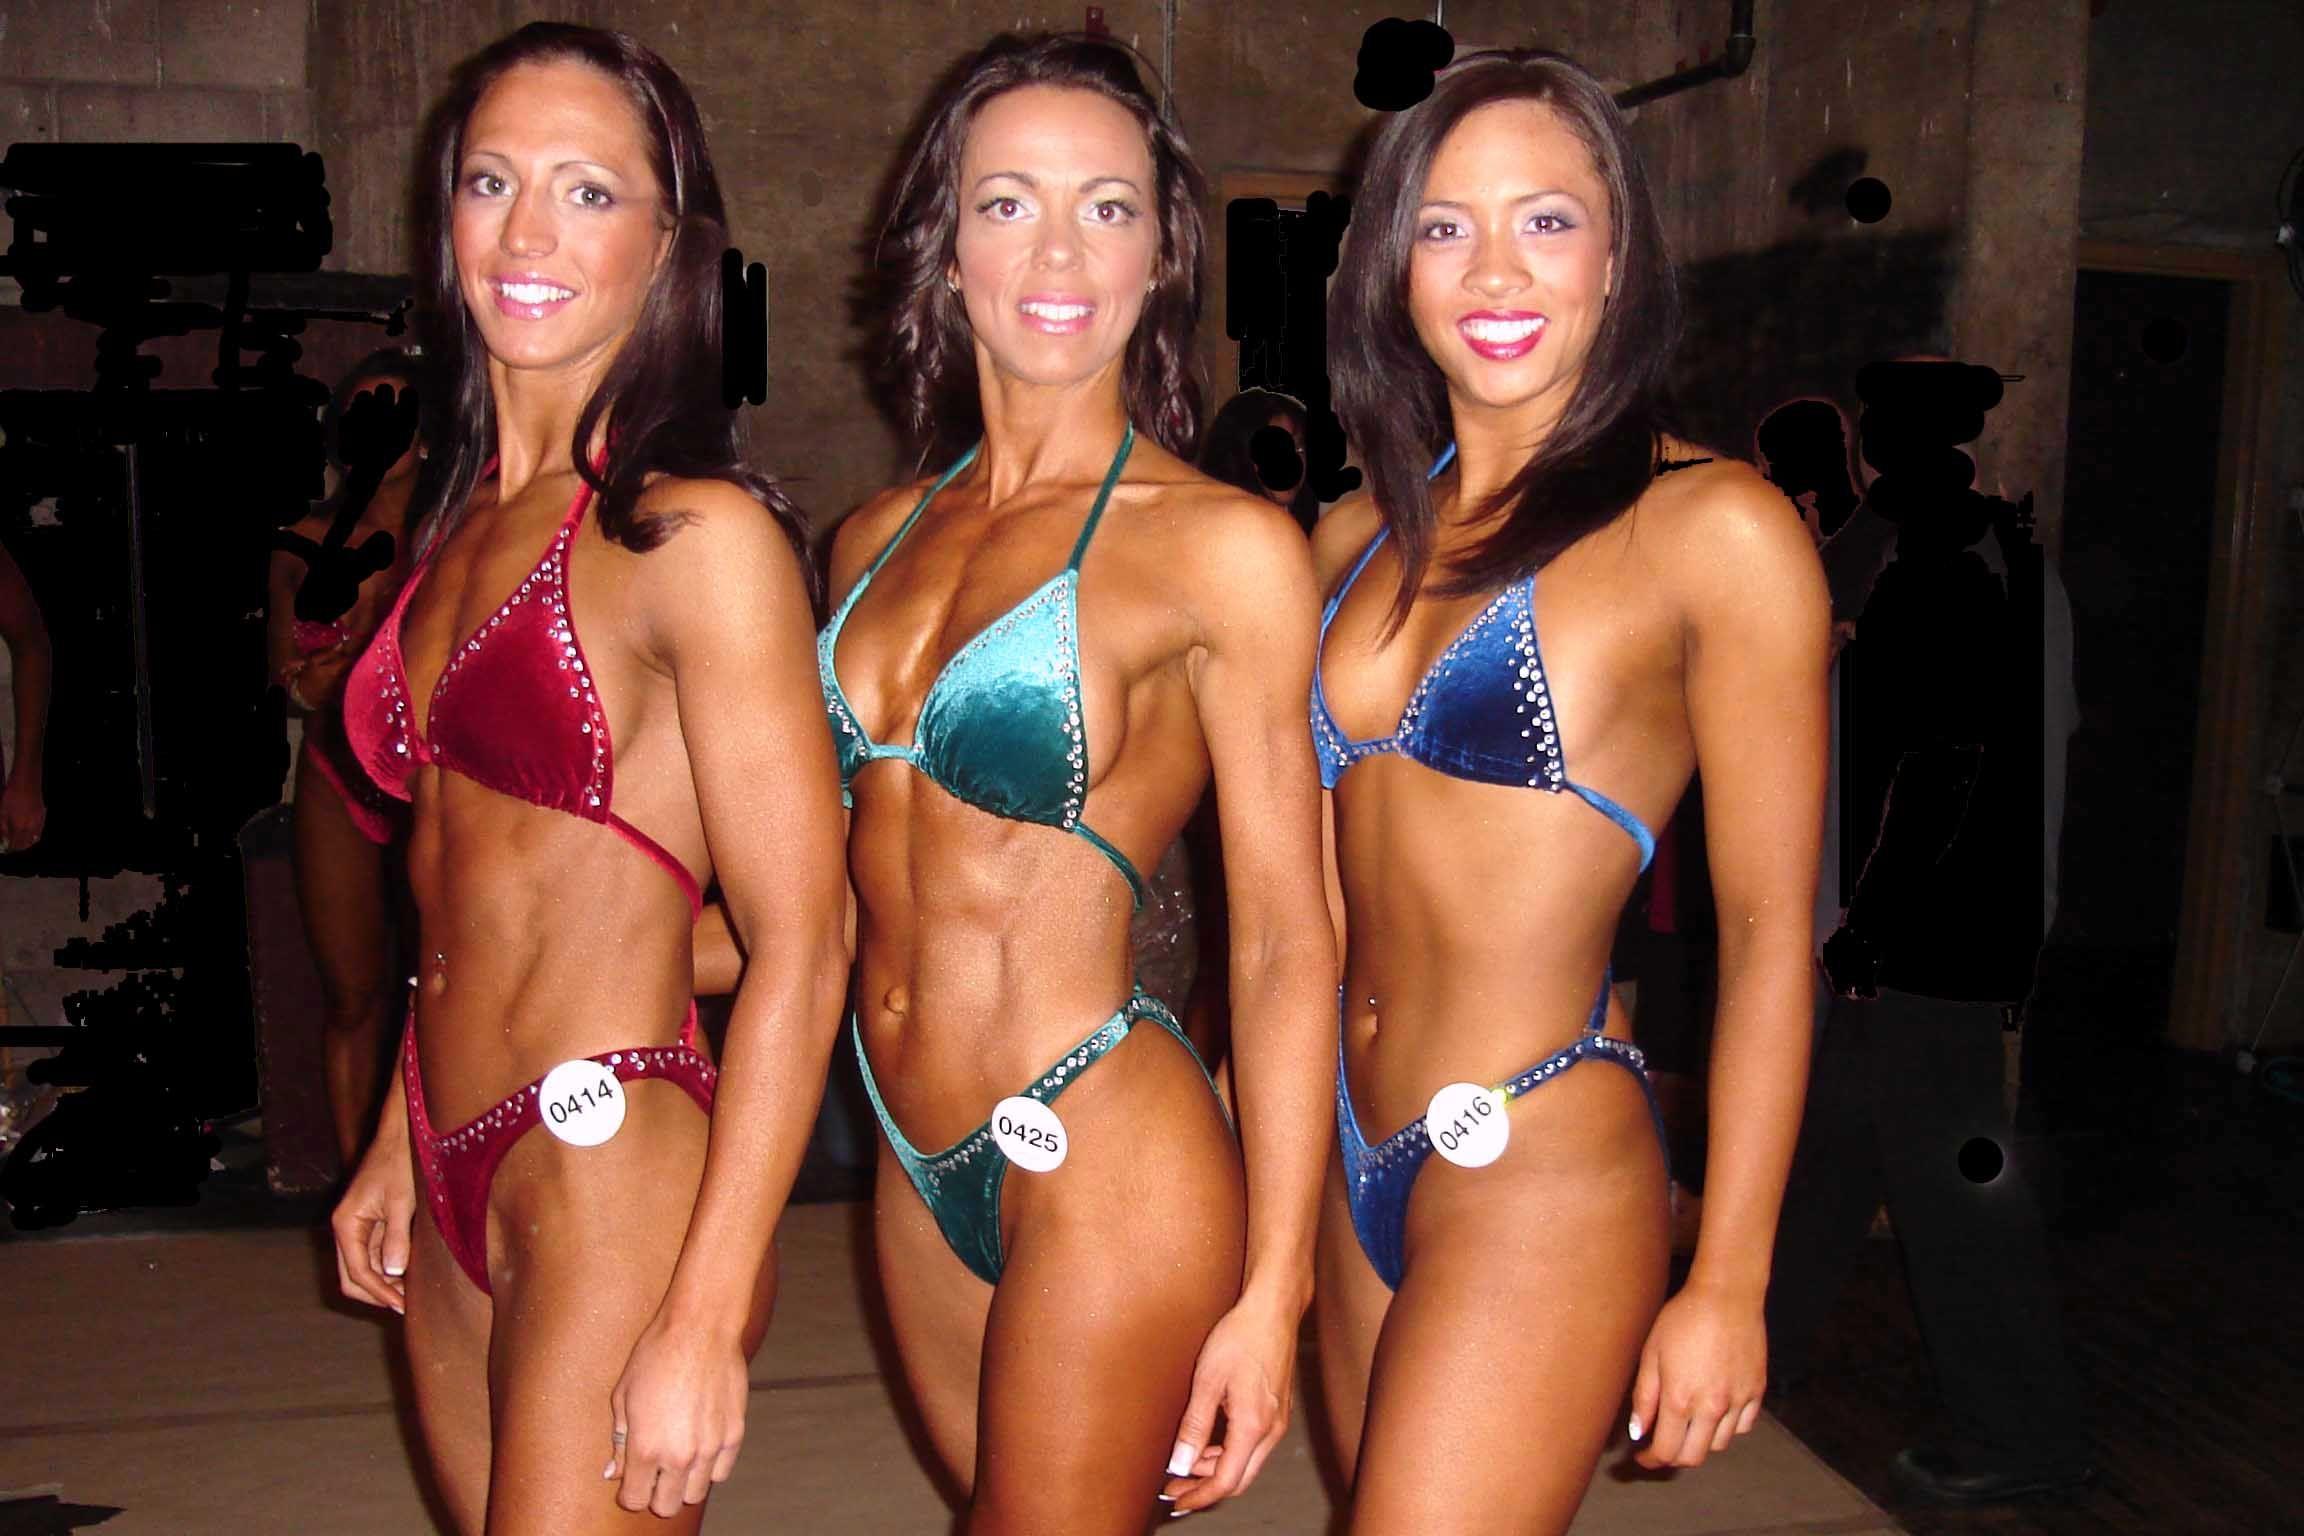 Muscular women nude female bodybuilders fitness girls sexy sport